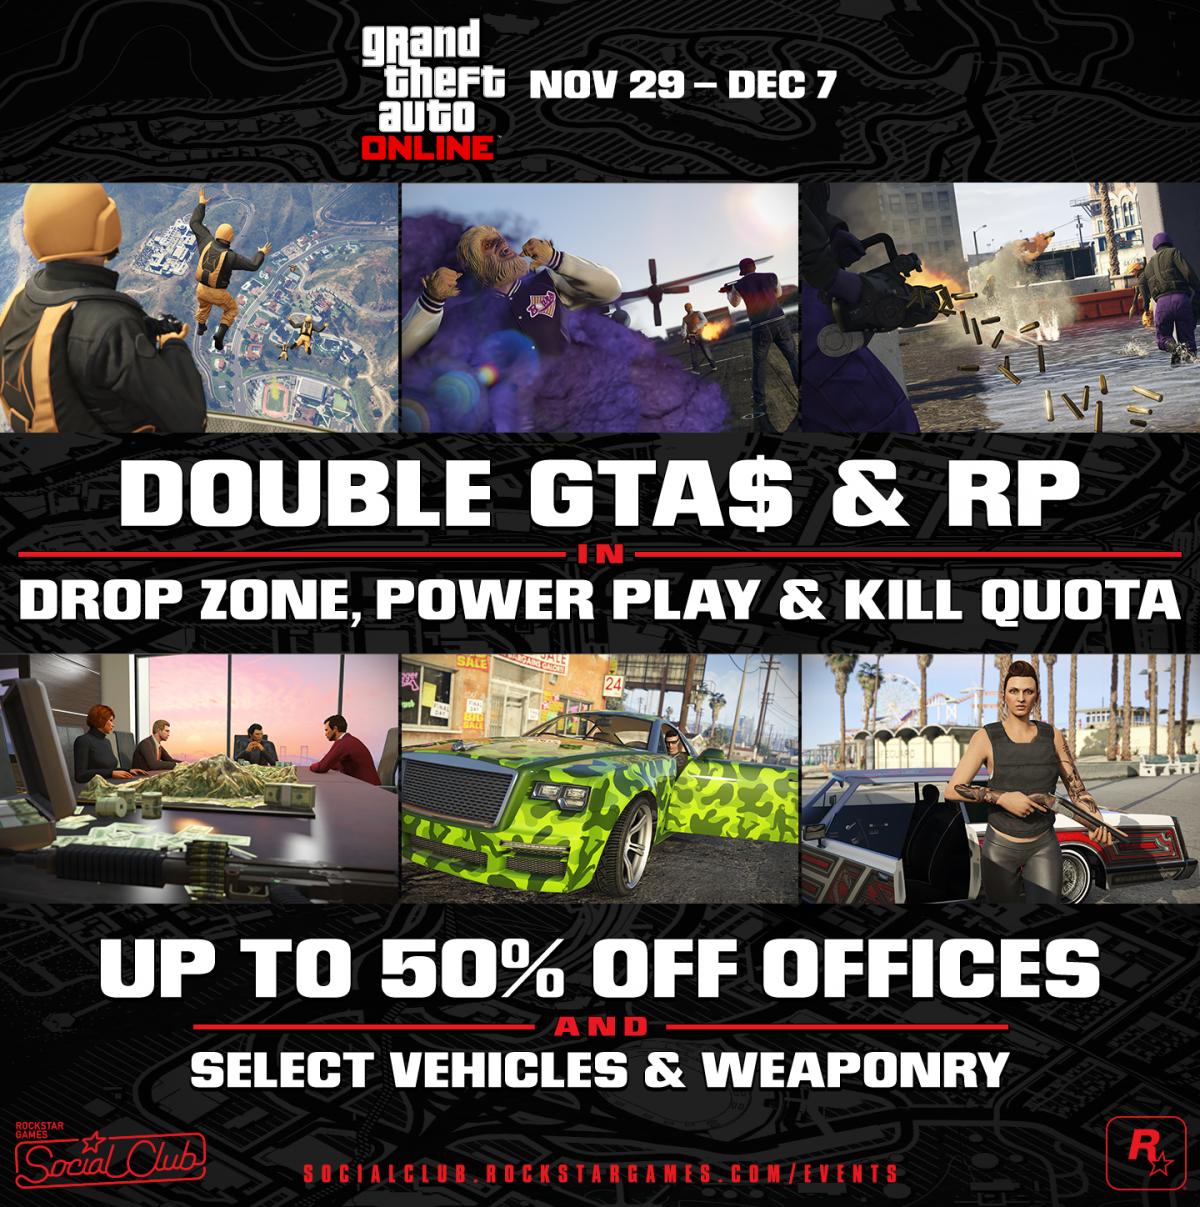 GTA 5 Online: Rockstar drops big hint at next DLC release date and